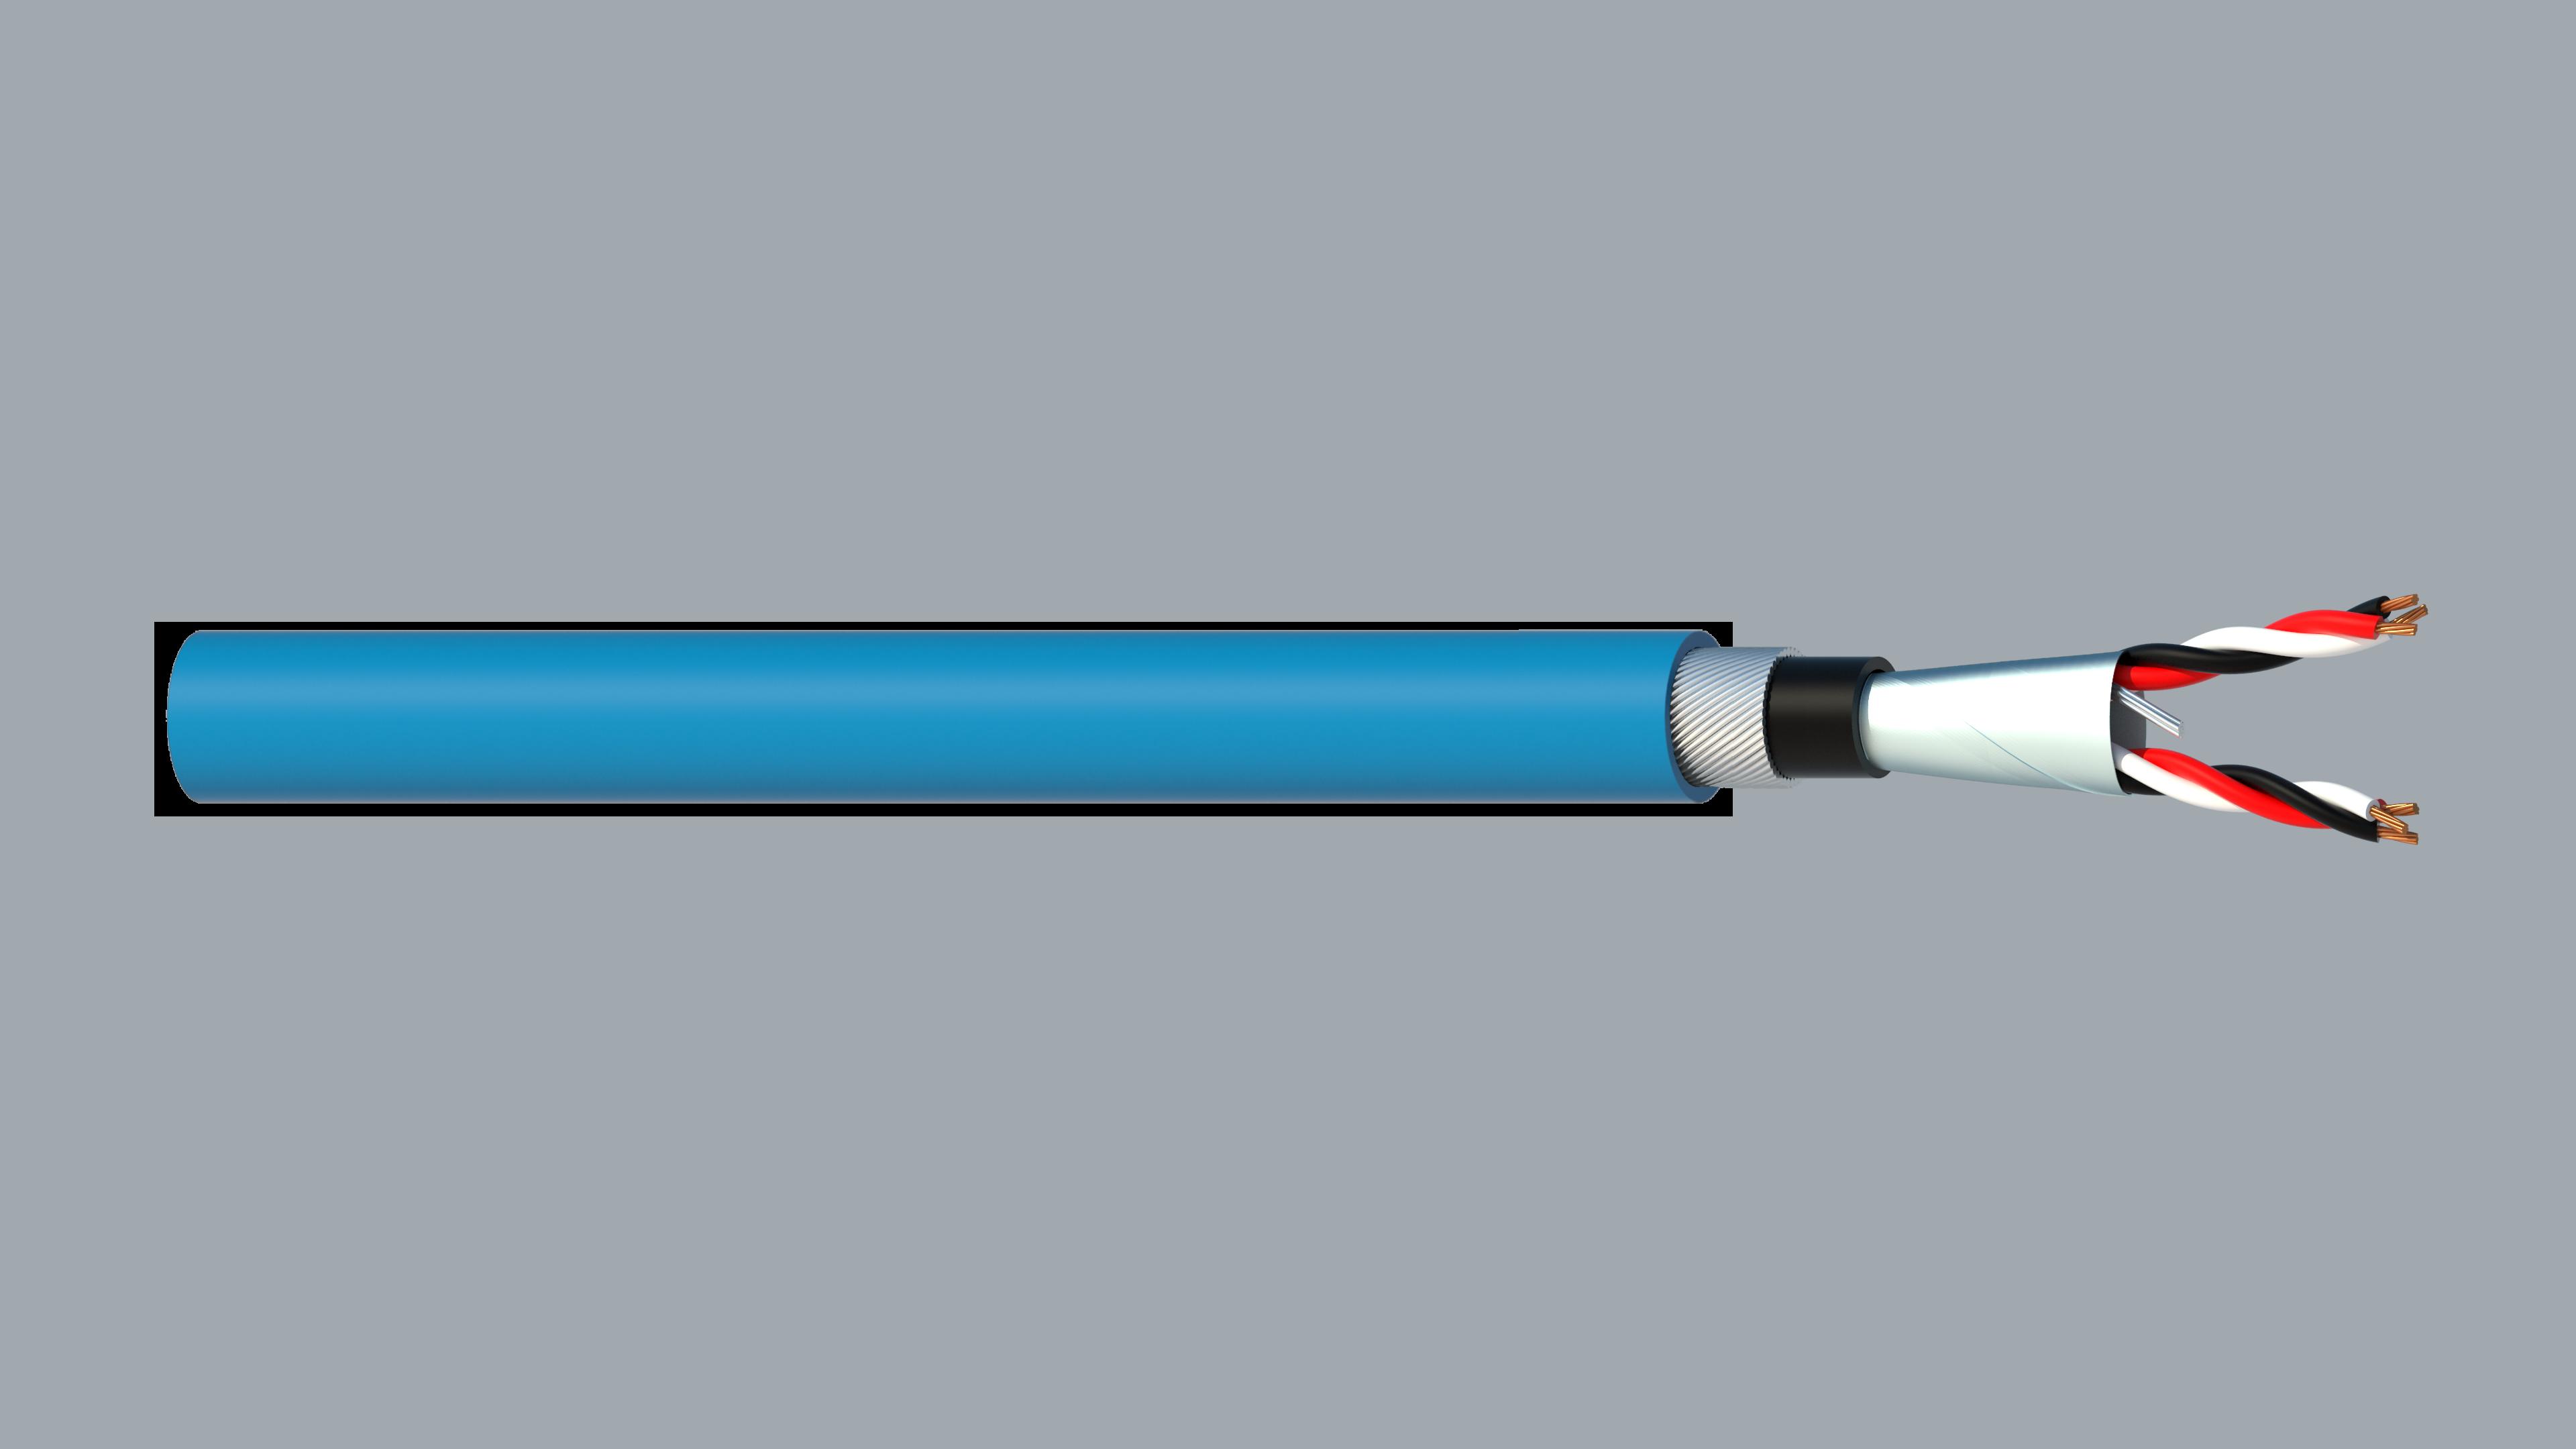 2 Triad 0.5mm2 Cu/PVC/OS/PVC/SWA/PVC Maser Instrumentation Cable - Blue Sheath